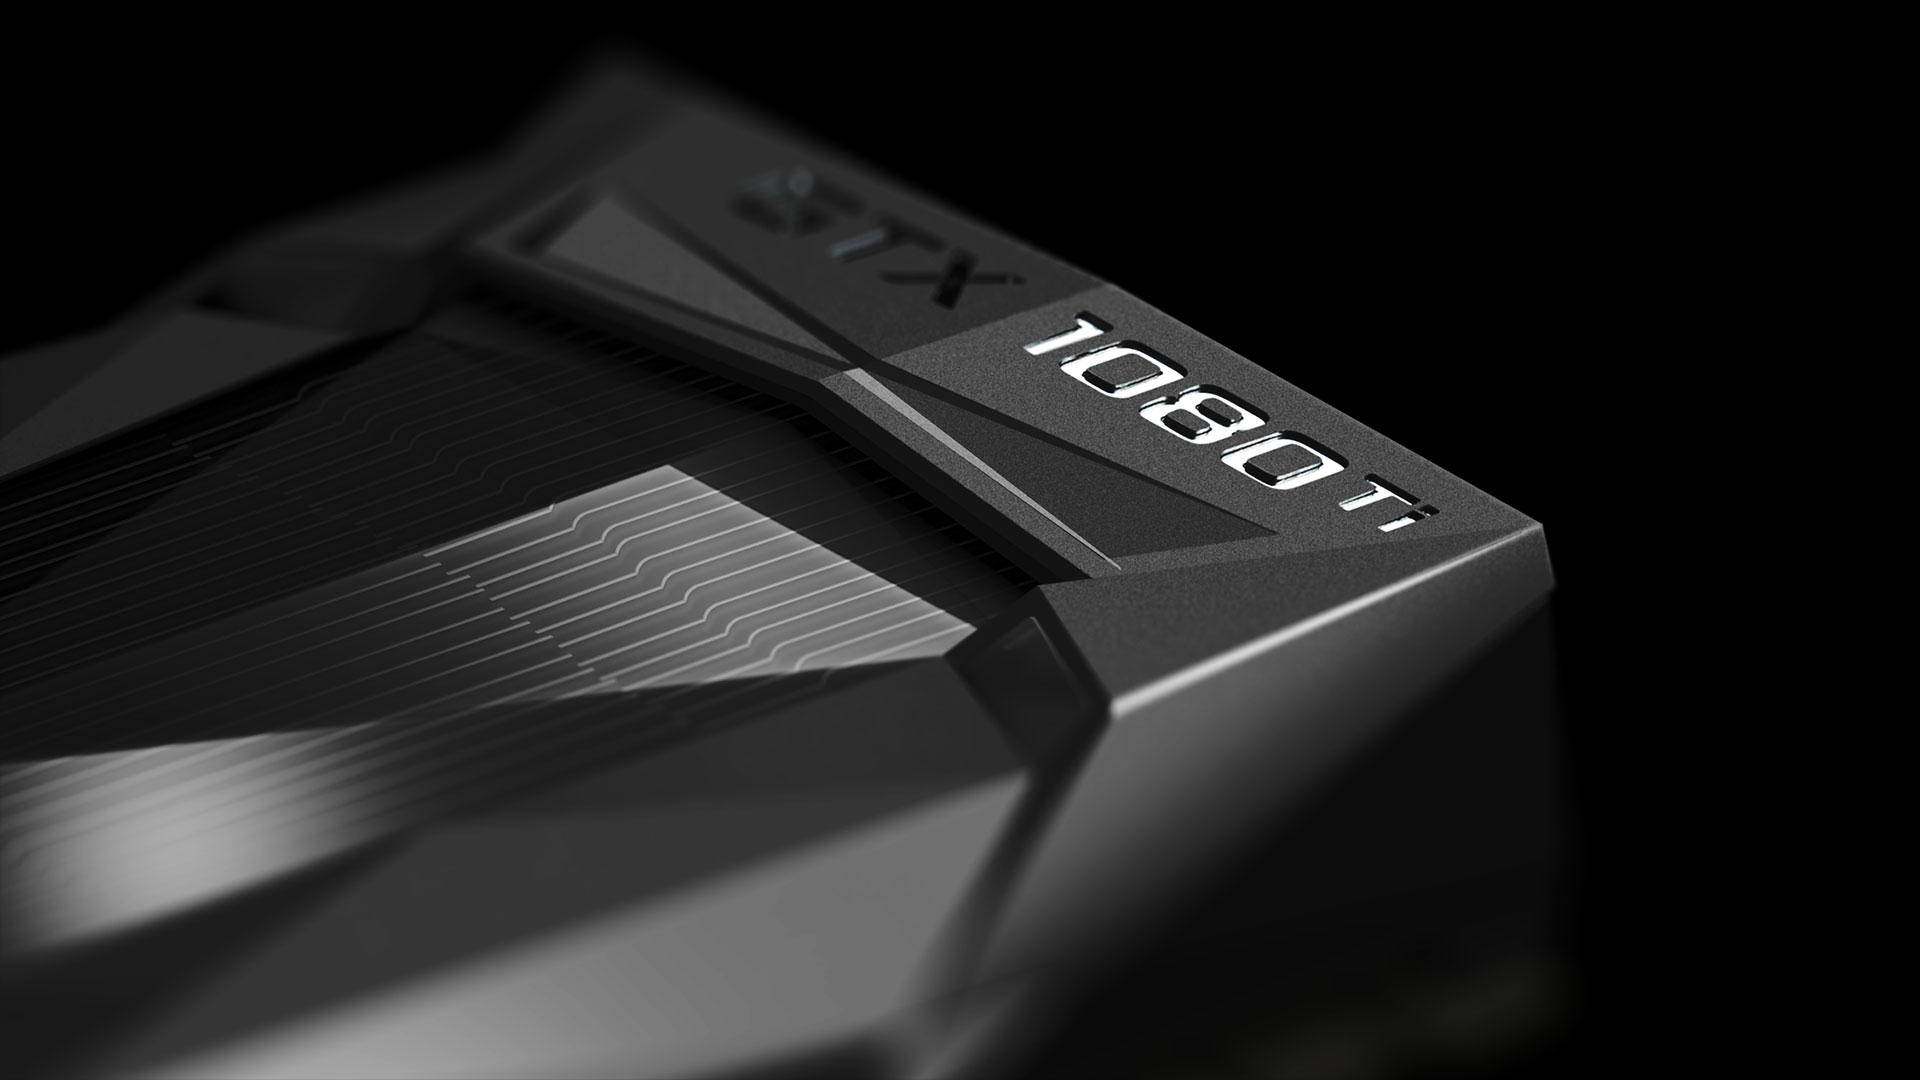 GeForce GTX 1080 Ti overclocking: pushing it to the limit | PC Gamer